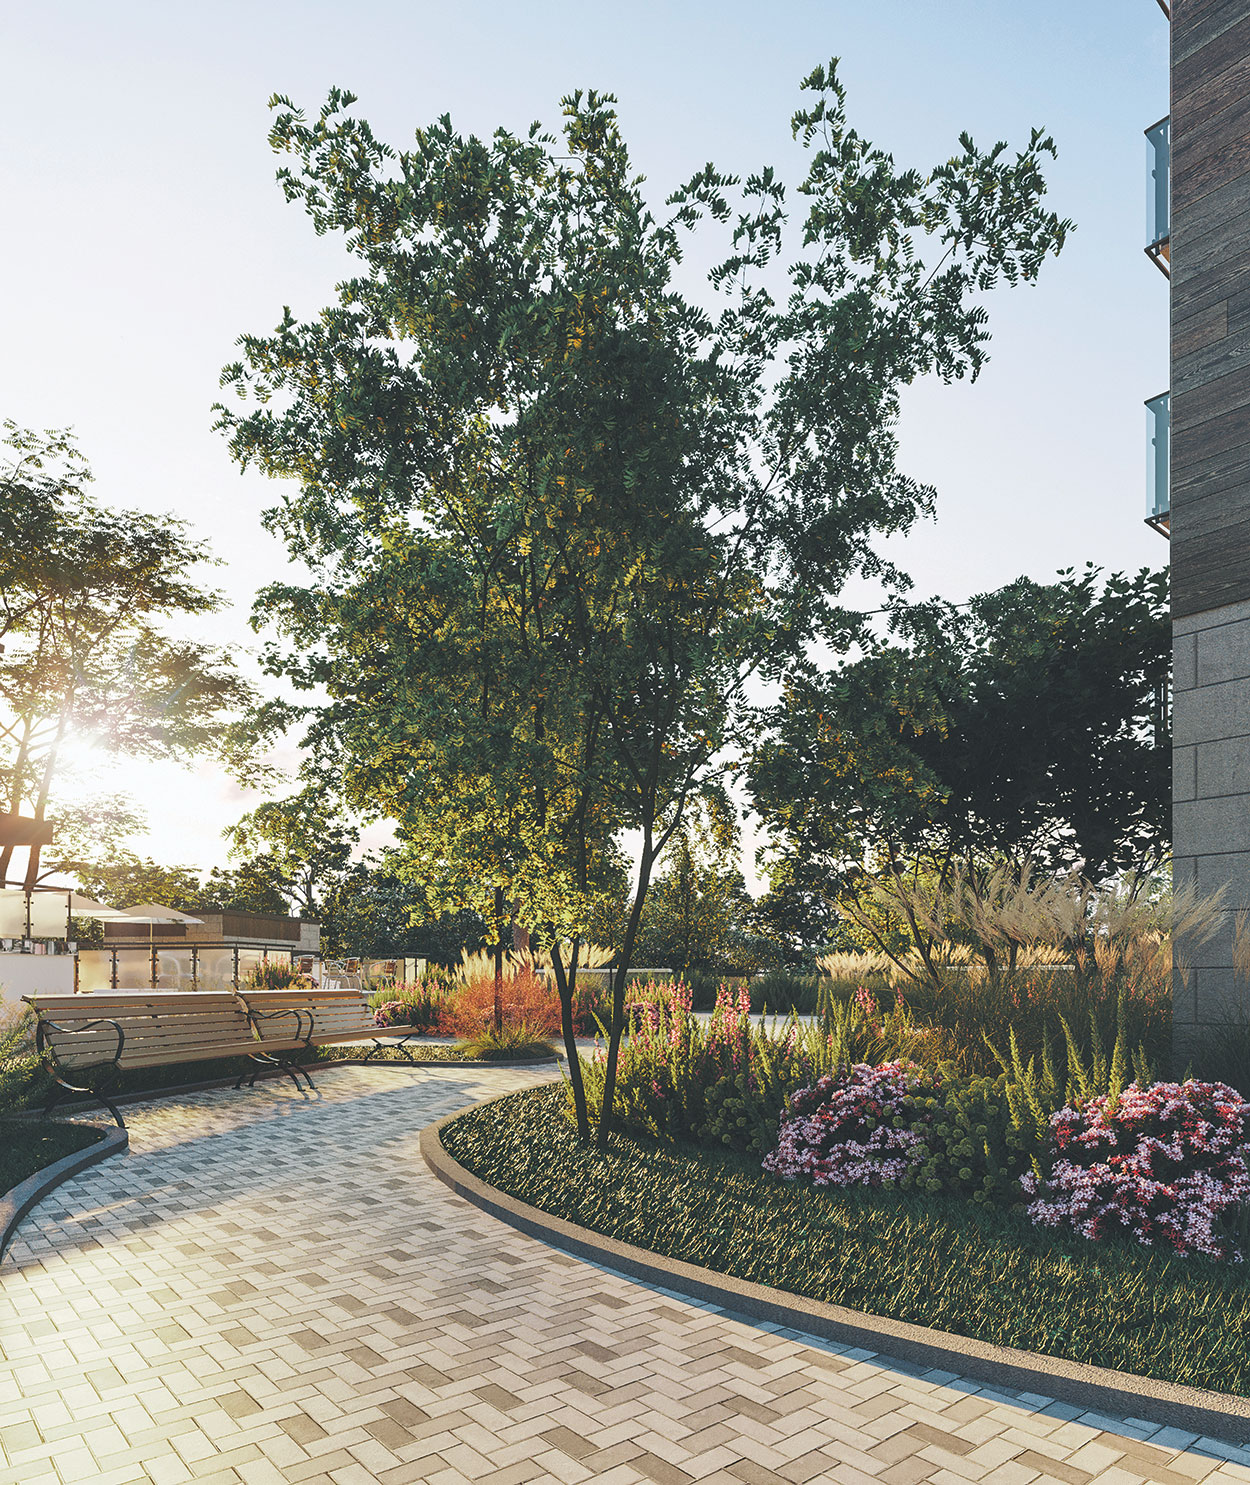 Jardin chic de Joia ville de Laval